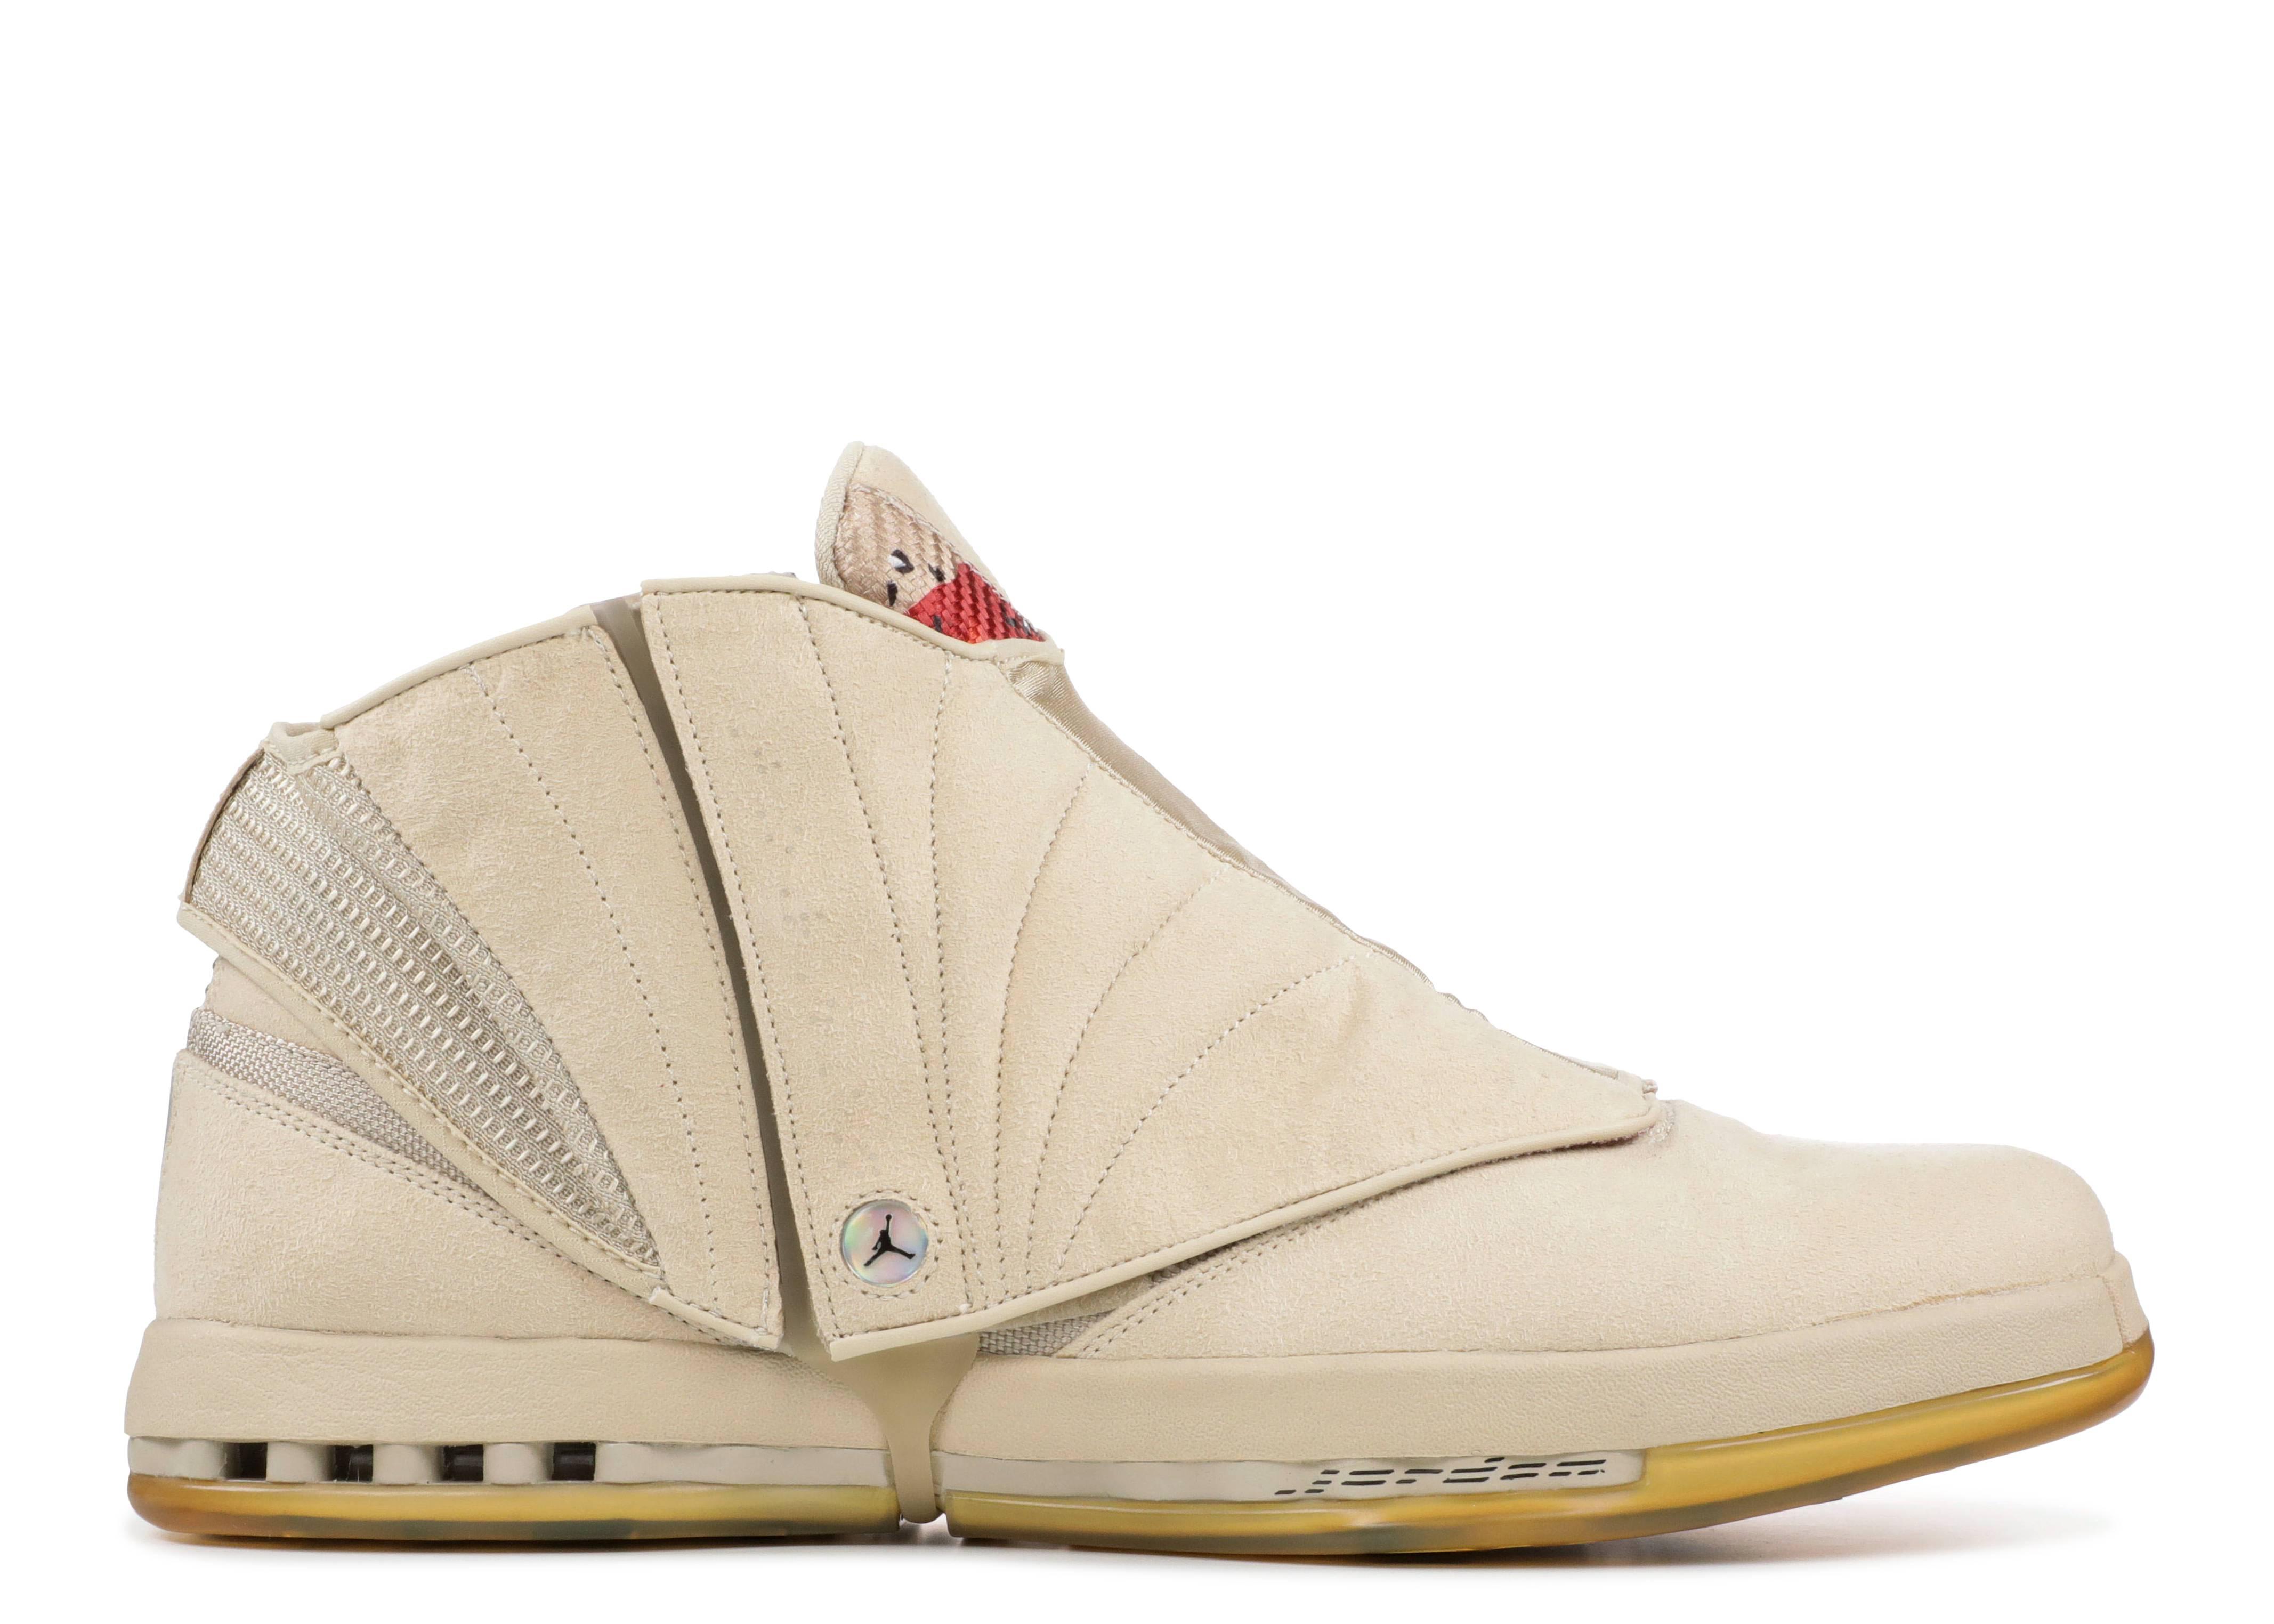 ba745e067b51 Air Jordan 16